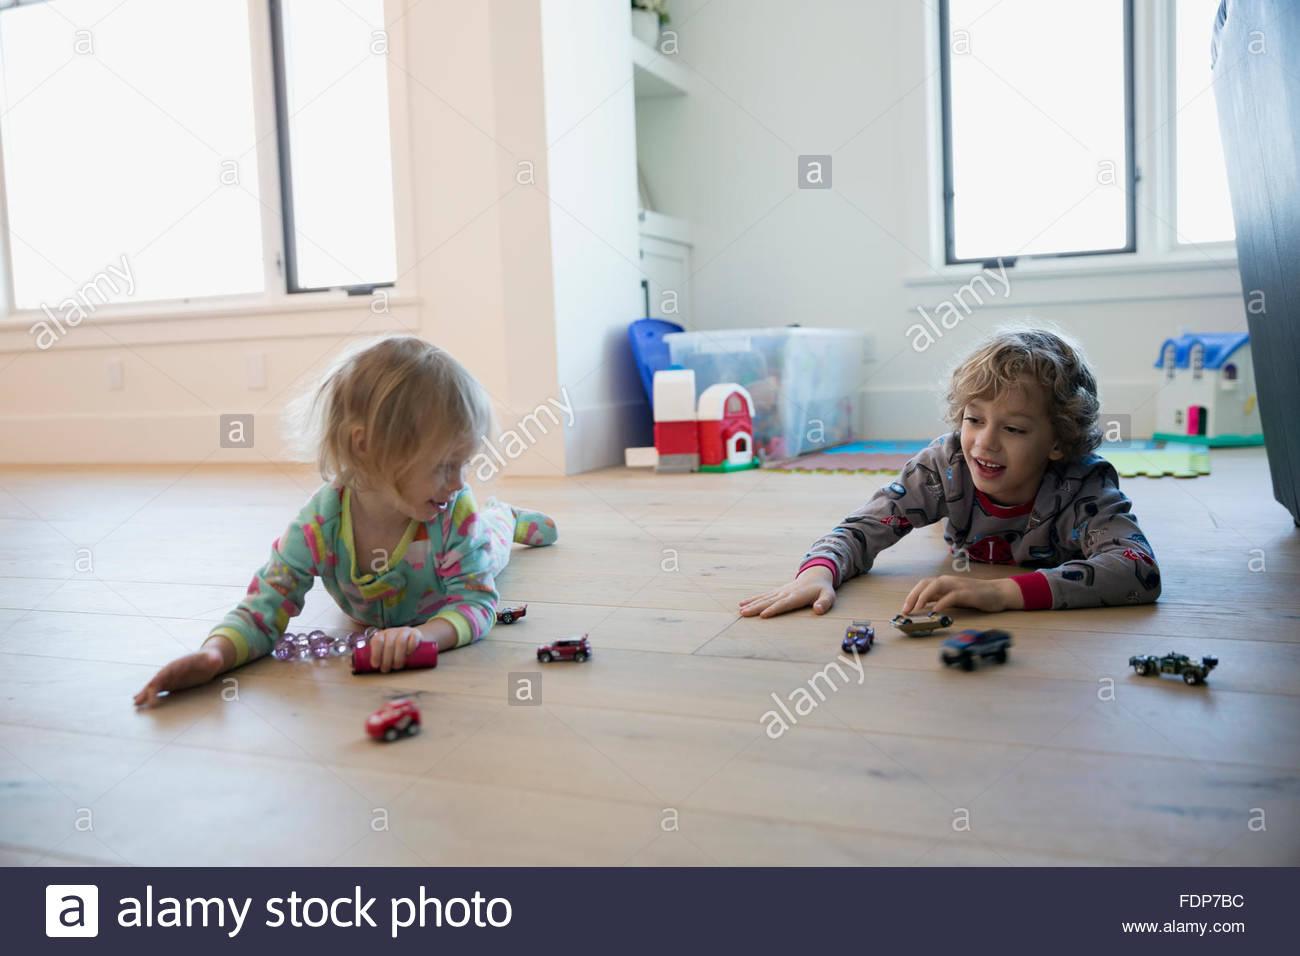 Bruder und Schwester spielt mit Spielzeug-Autos-Boden Stockbild